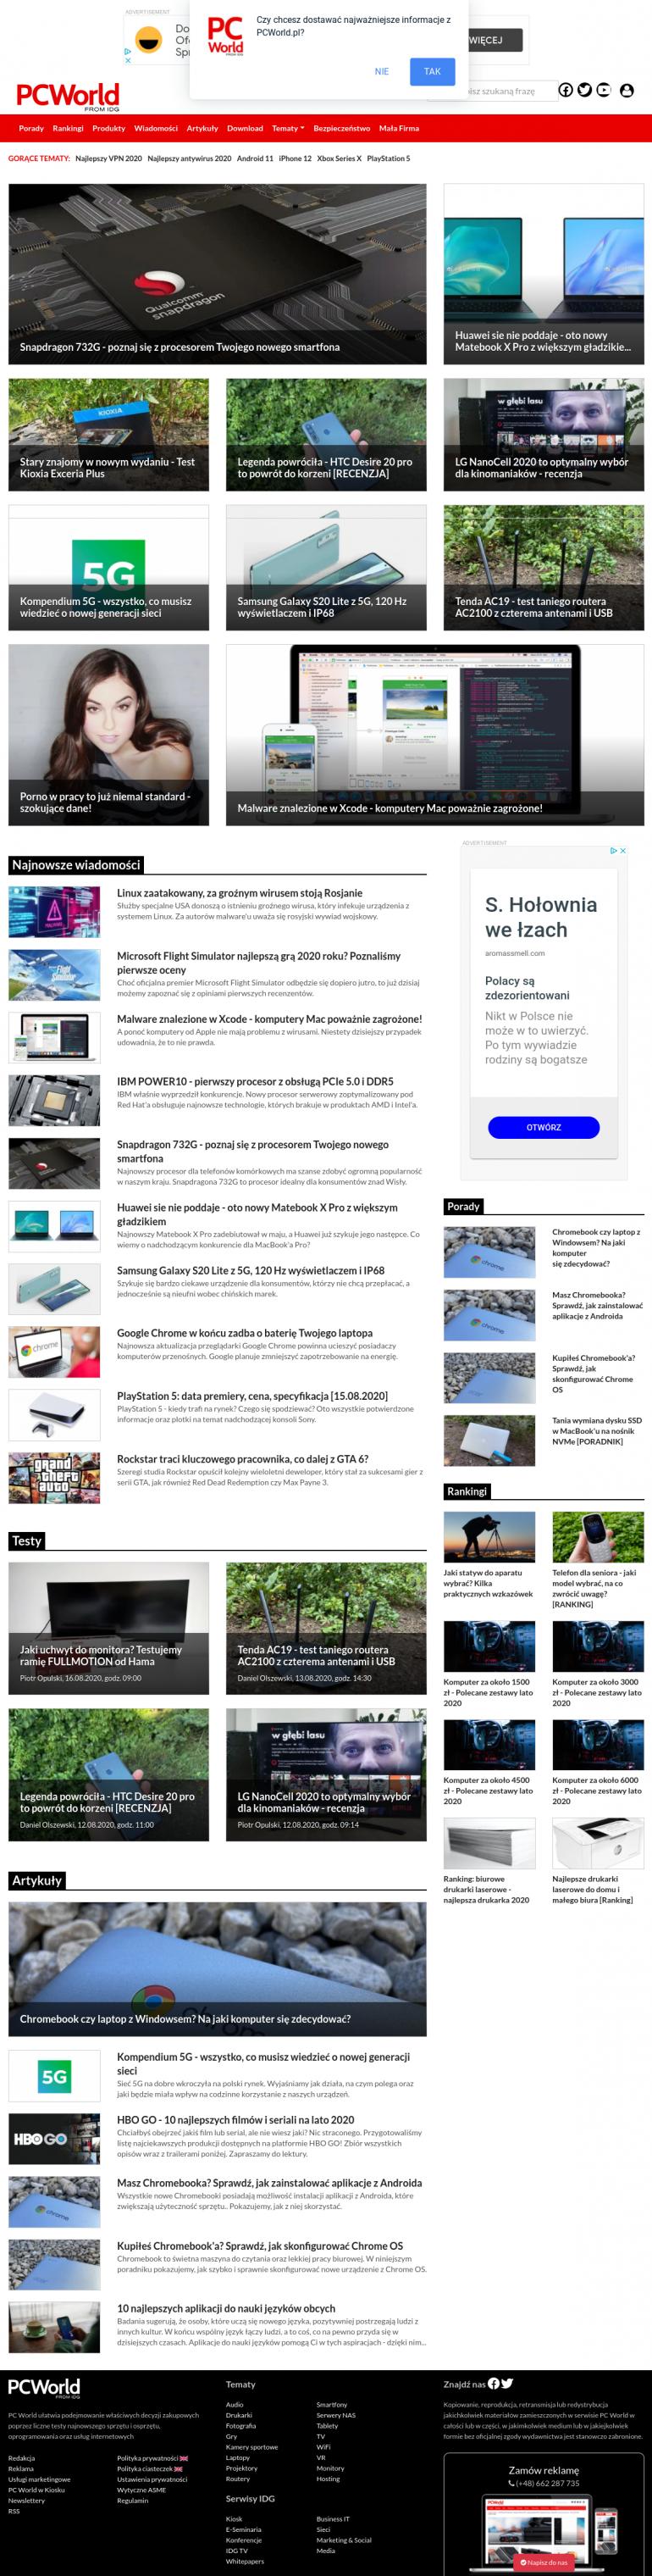 Zrzut witryny PCWorld wykonany za pomocą rozszerzenia Nimbus